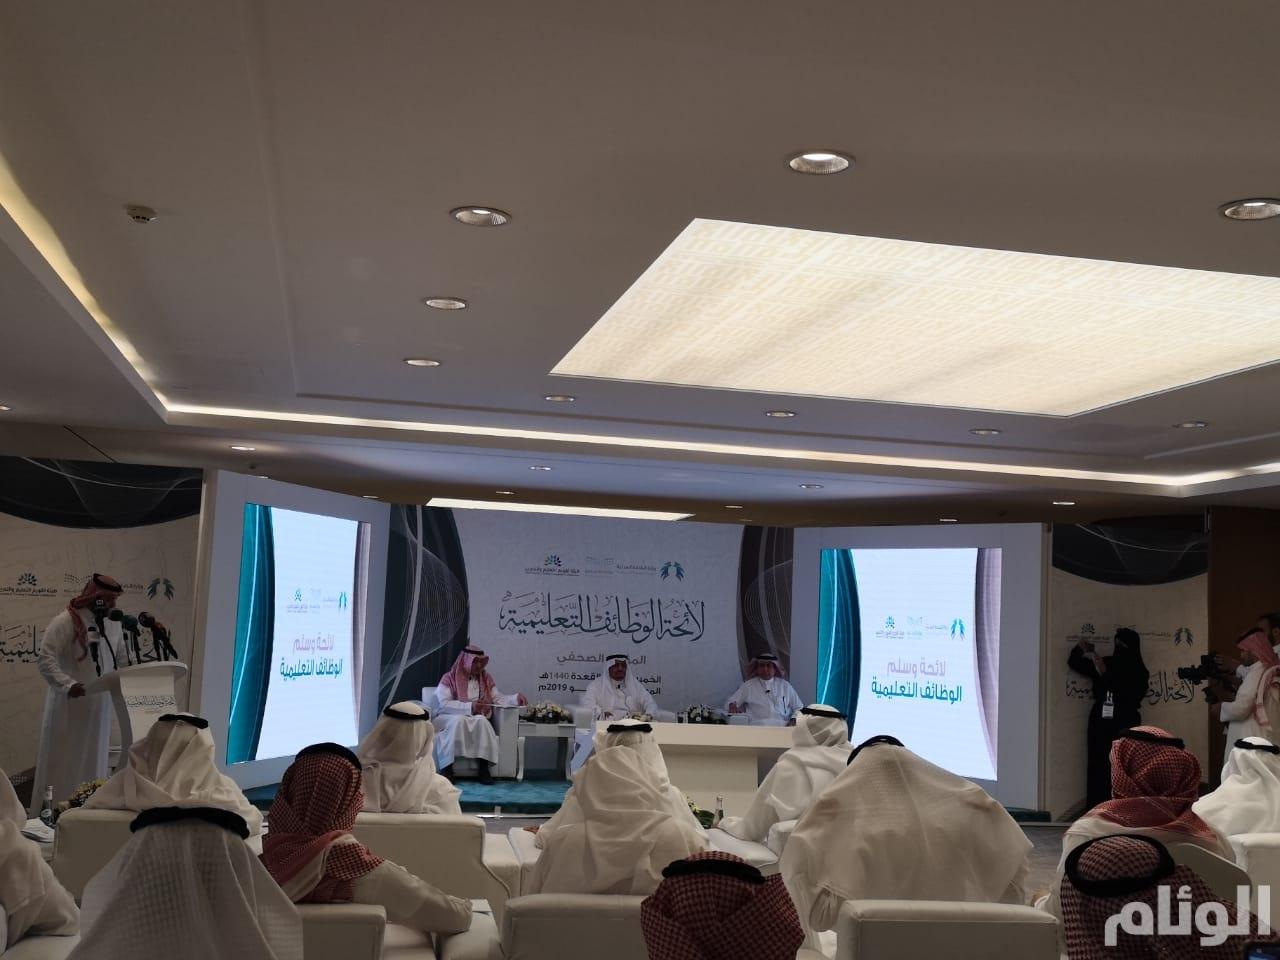 مؤتمر صحفي لعرض لائحة الوظائف التعليمية